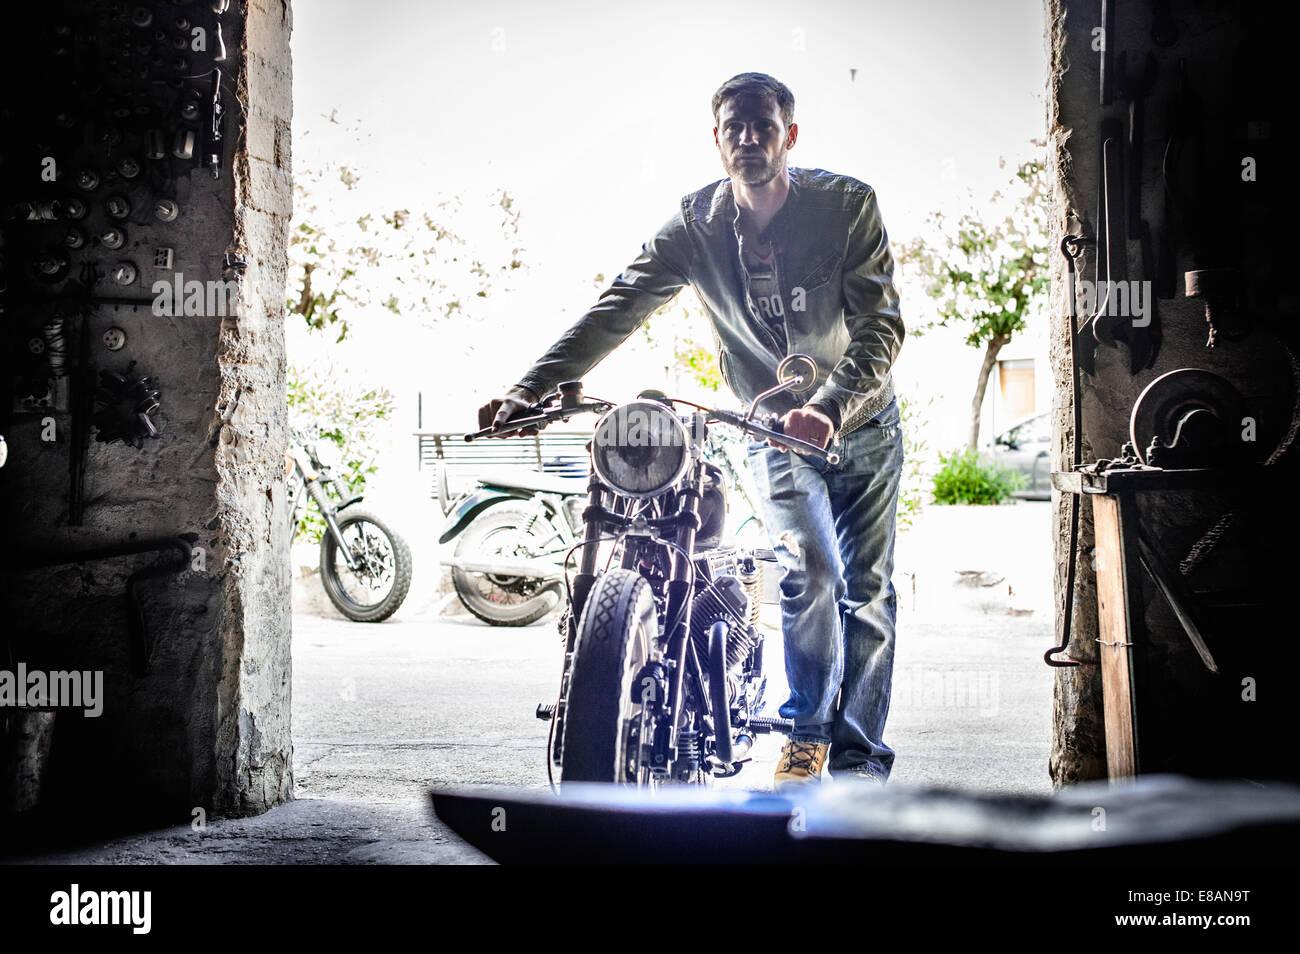 Mid adult man pushing motorcycle through barn doorway - Stock Image